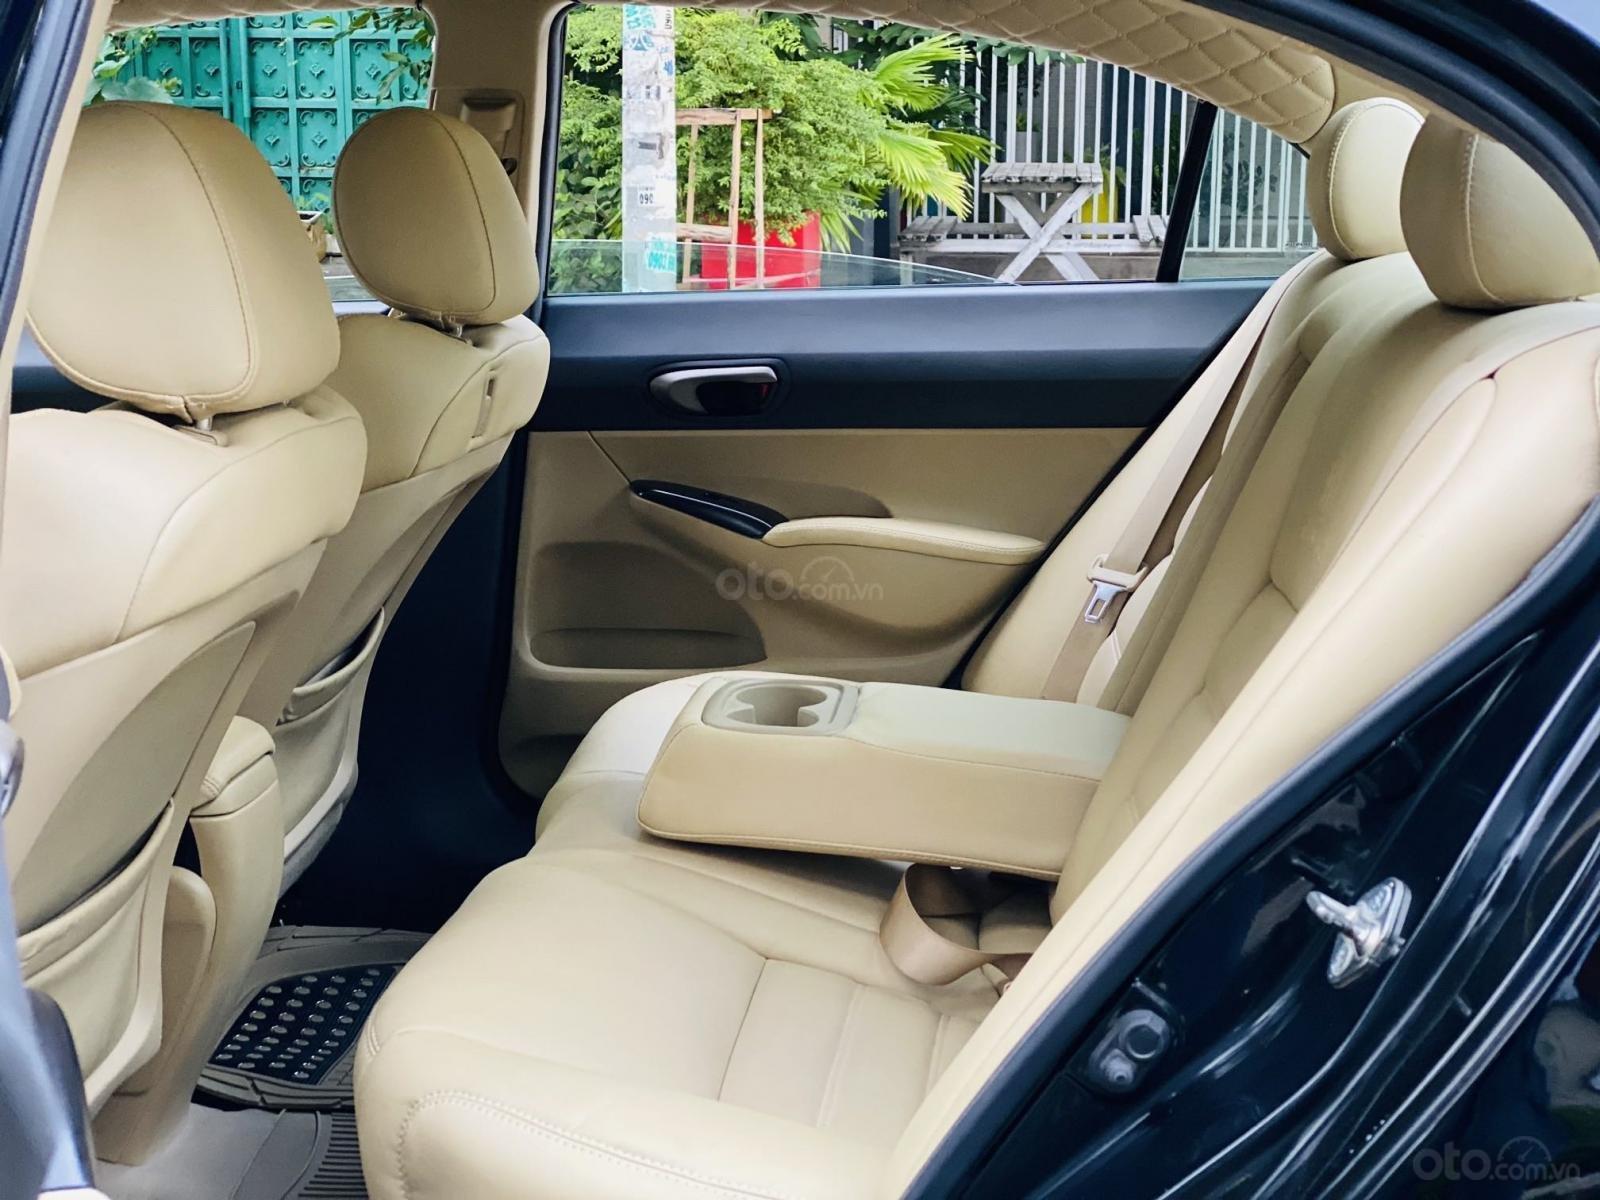 Bán xe Honda Civic đời 2009, màu đen. Xe gia đình, giá 285 triệu đồng (12)